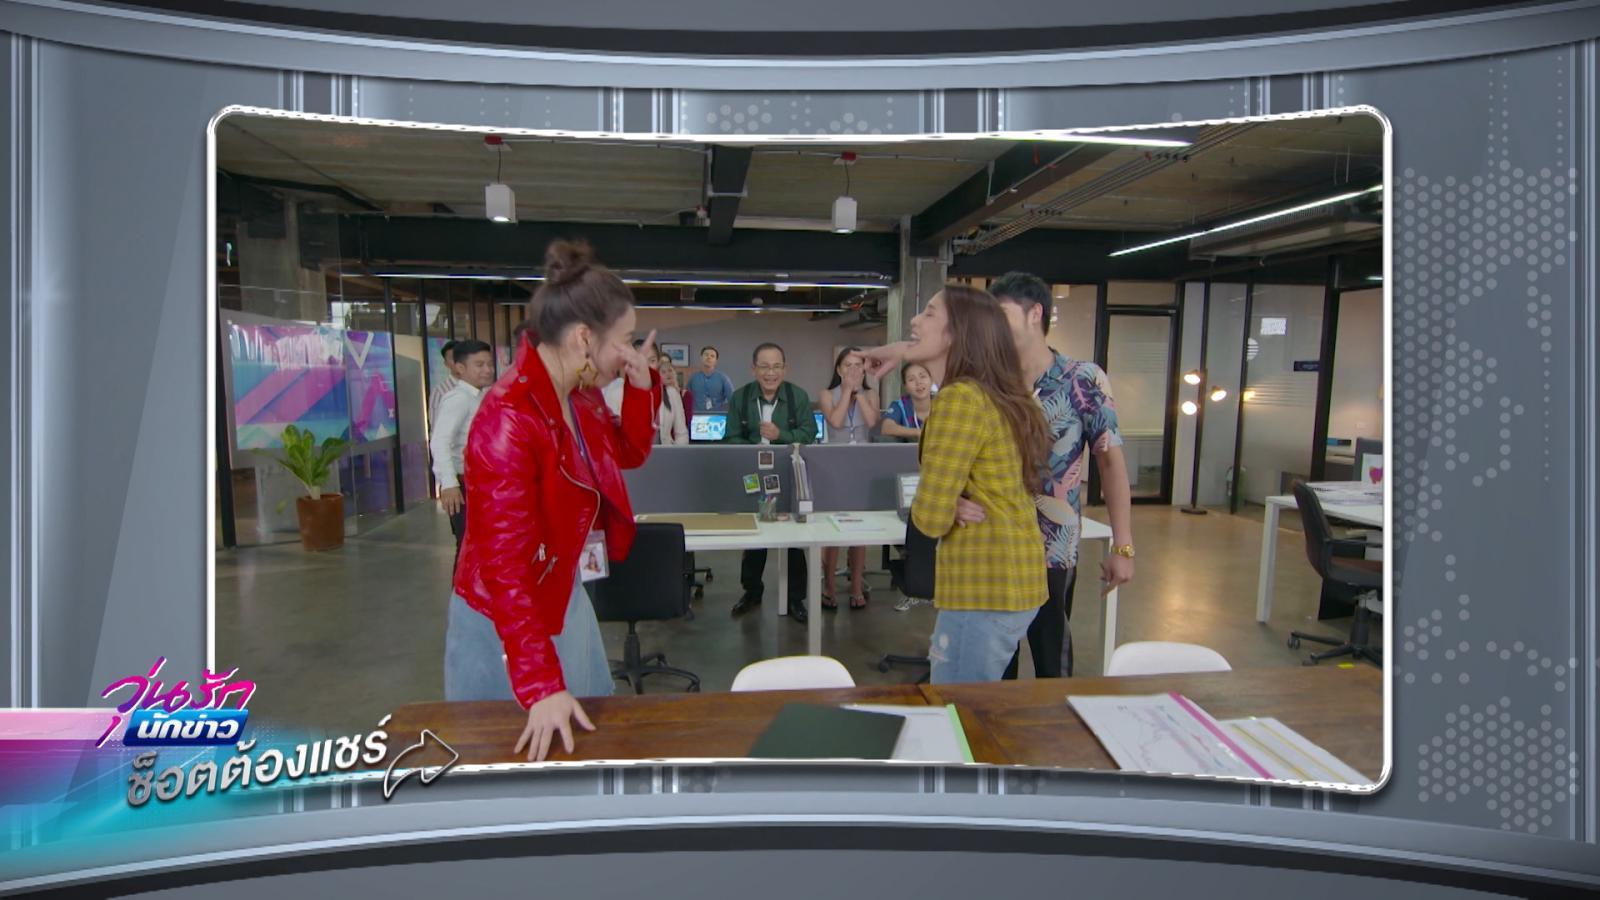 วุ่นรักนักข่าว EP.13 | ฟินสุด | ช็อตต้องแชร์ | PPTV HD 36